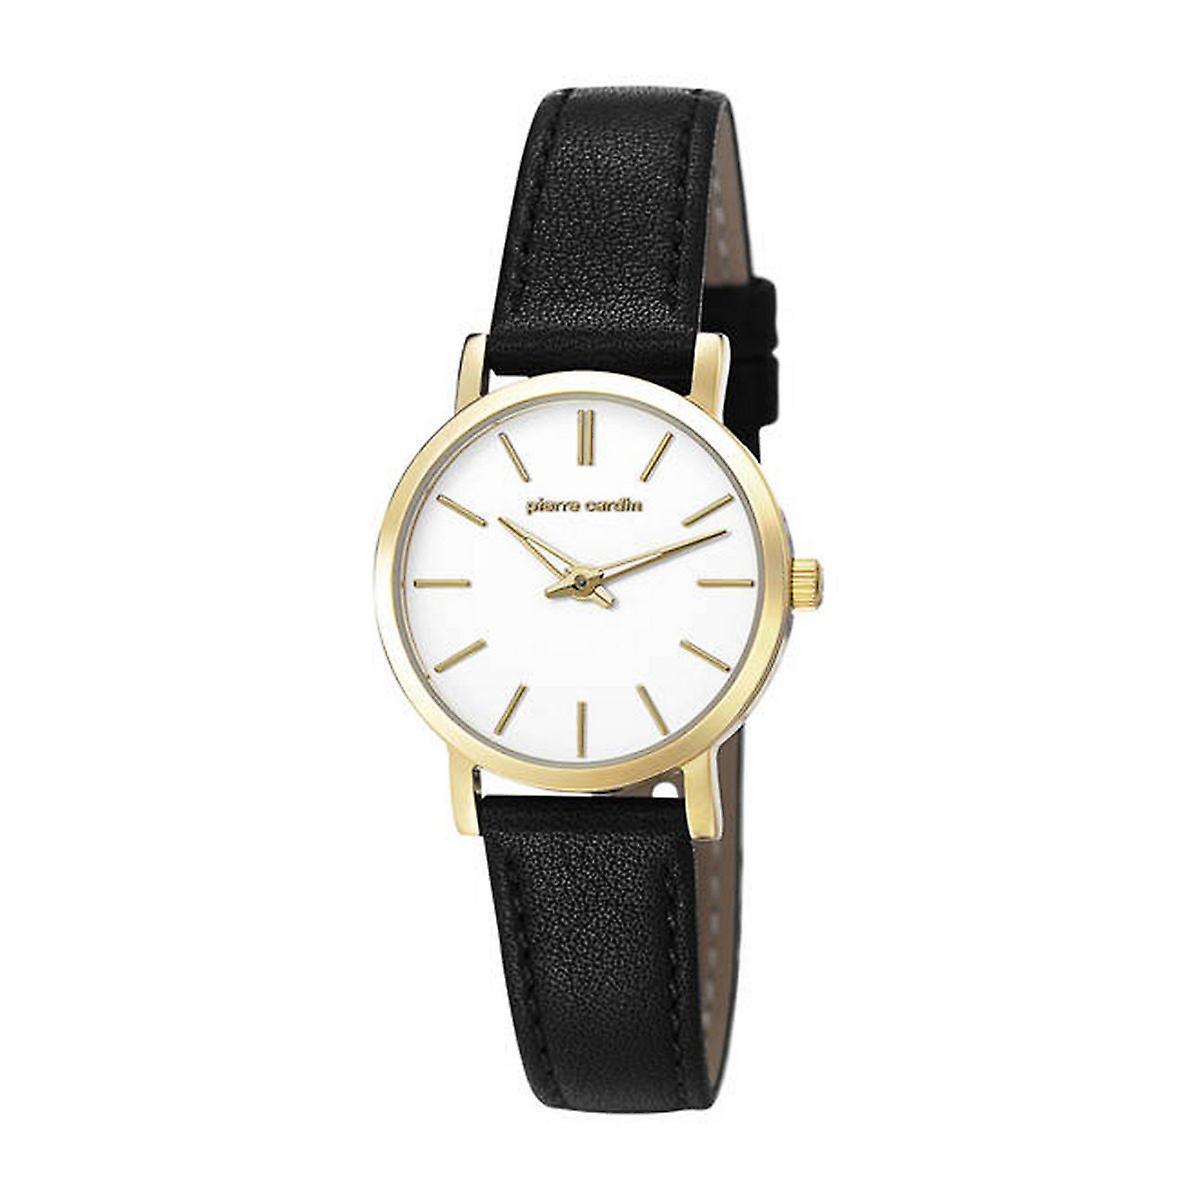 Pierre Cardin Damen Uhr Armbanduhr BONNE NOUVELLE Leder PC106632F03